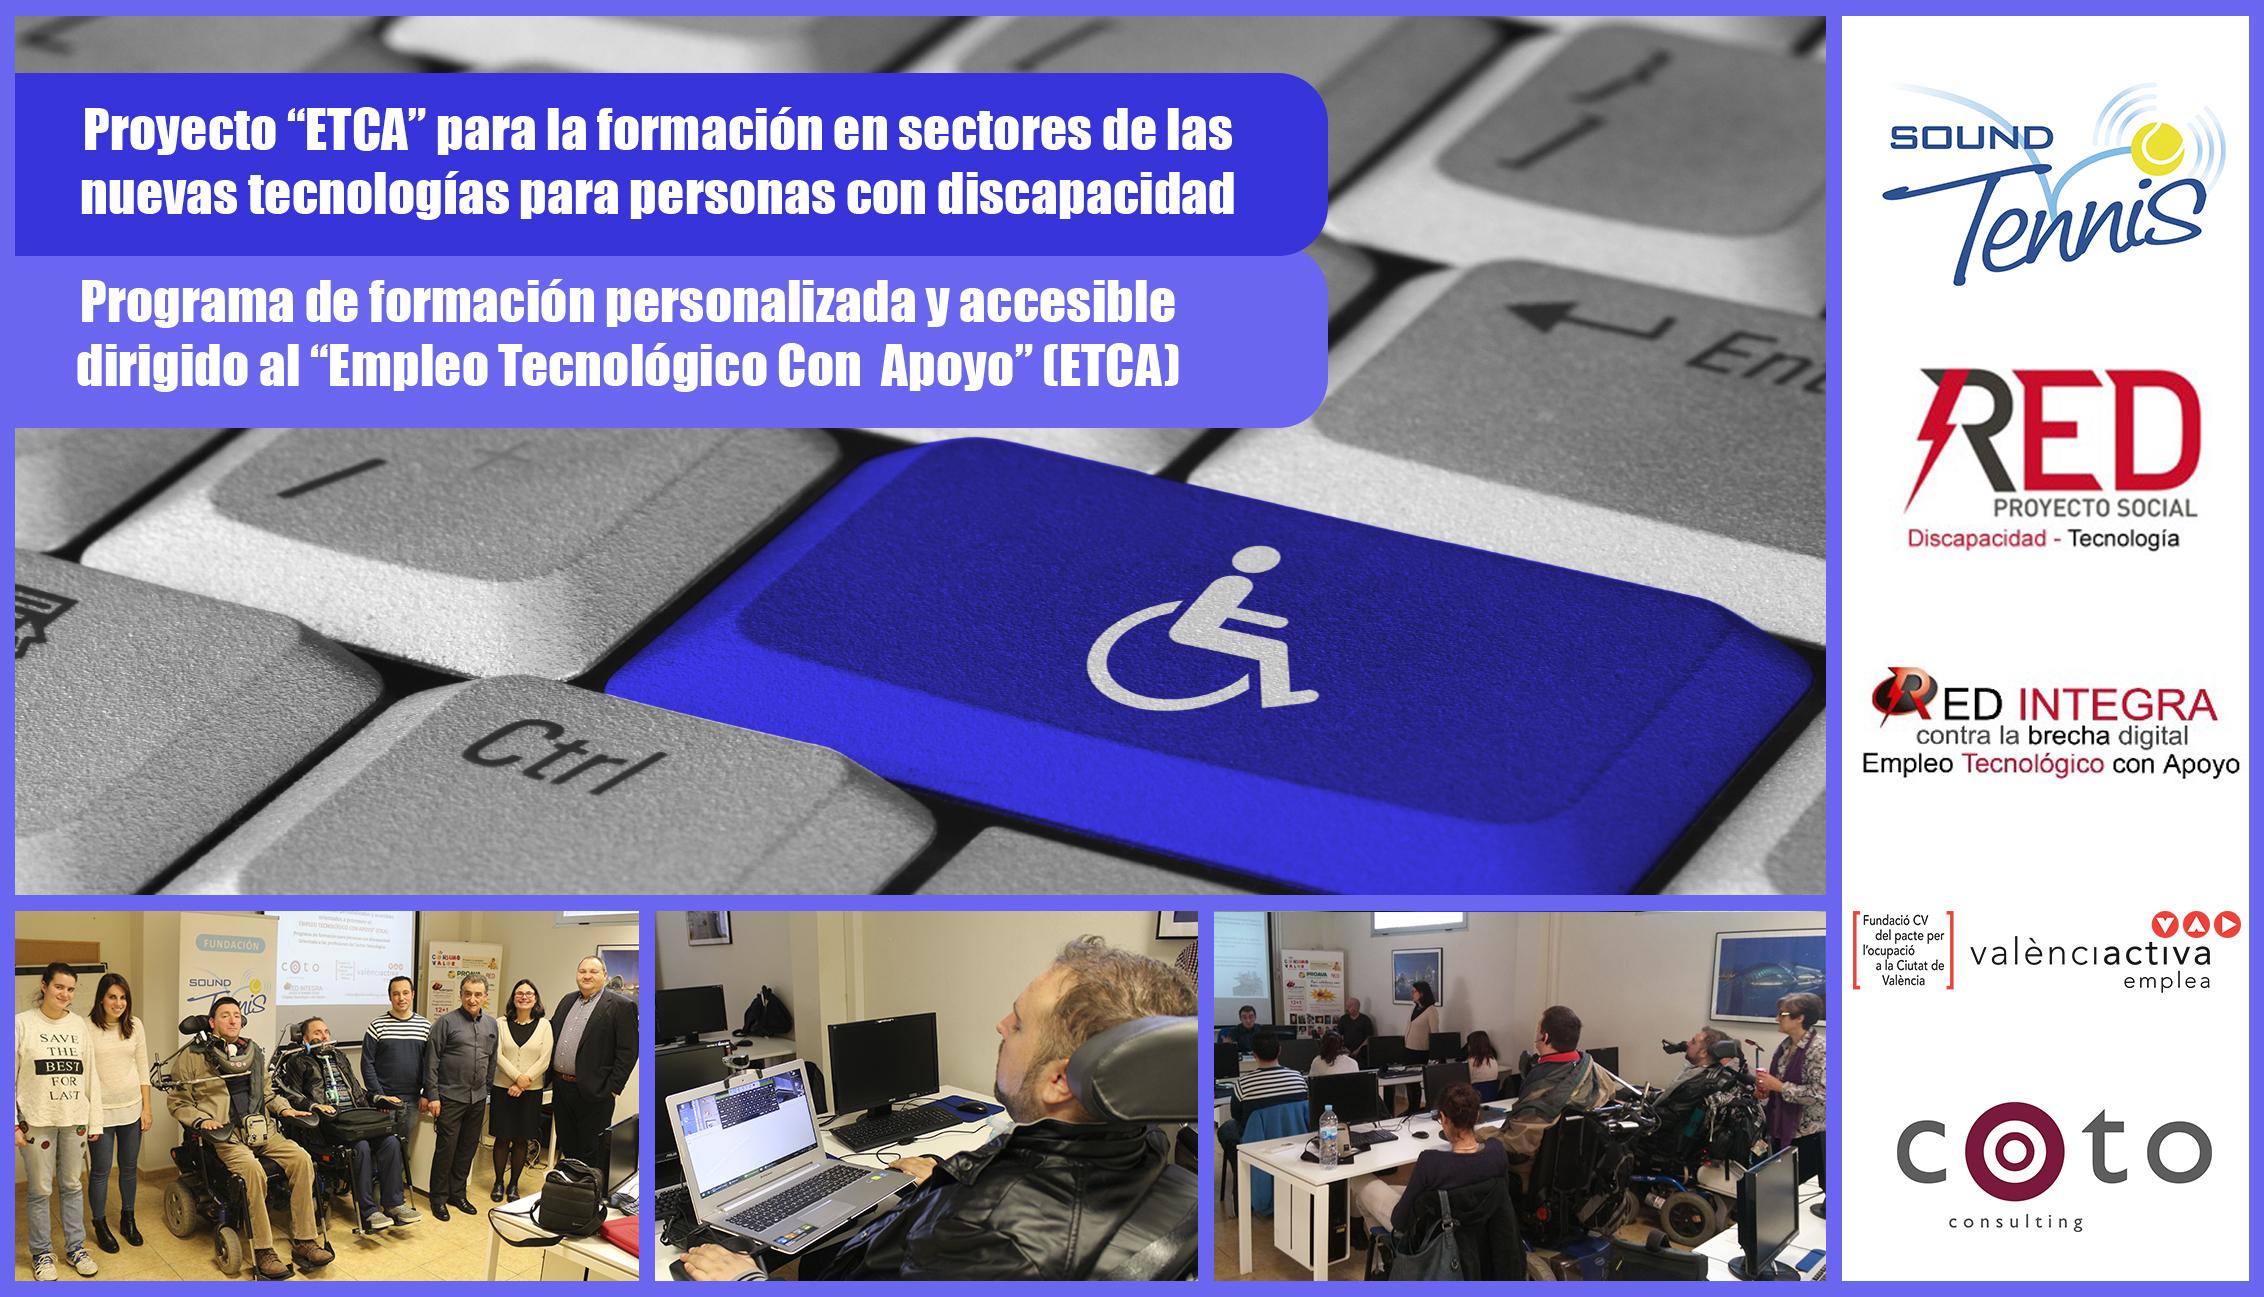 ETCA - Proyecto Empleo con Apoyo